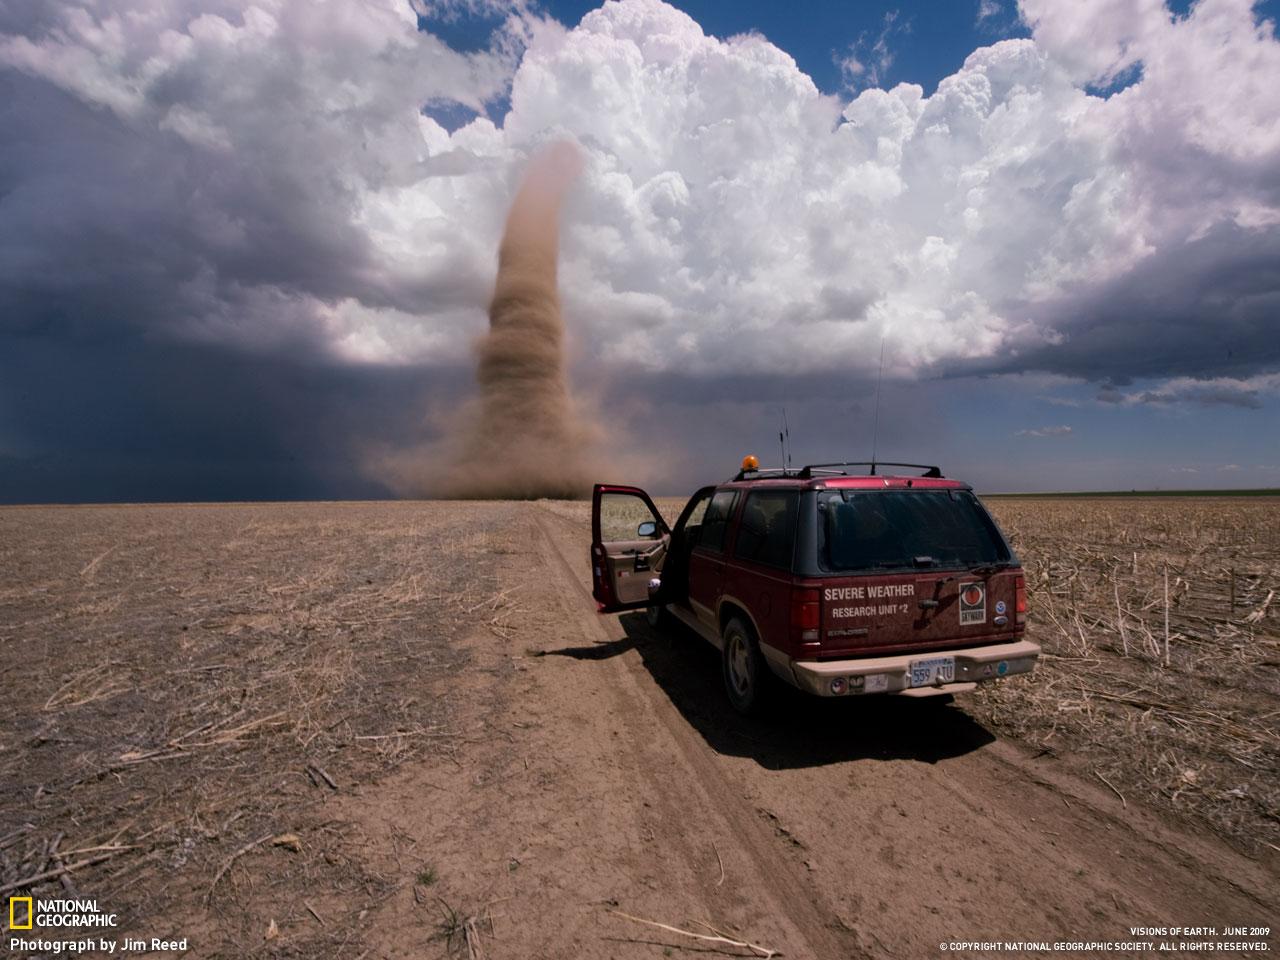 http://1.bp.blogspot.com/_gfXupHOEhH0/SwmsnhQb3_I/AAAAAAAAMrc/FpUfb4JildQ/s1600/national-geographic-wallpaper-9.jpg